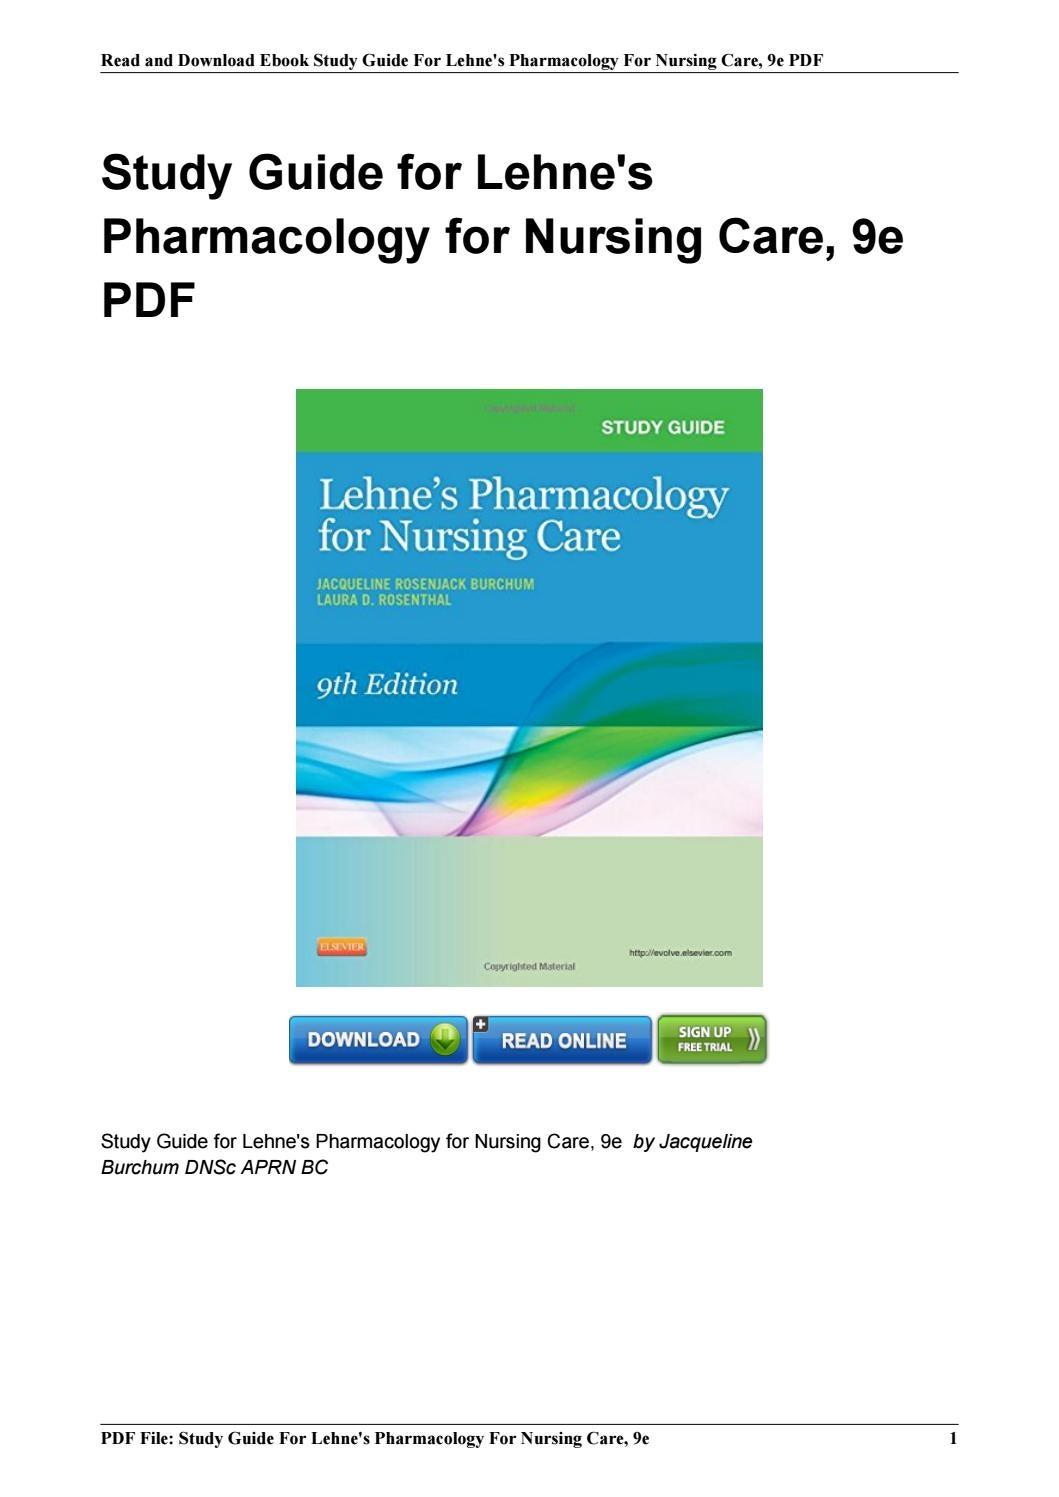 nps study guide pdf